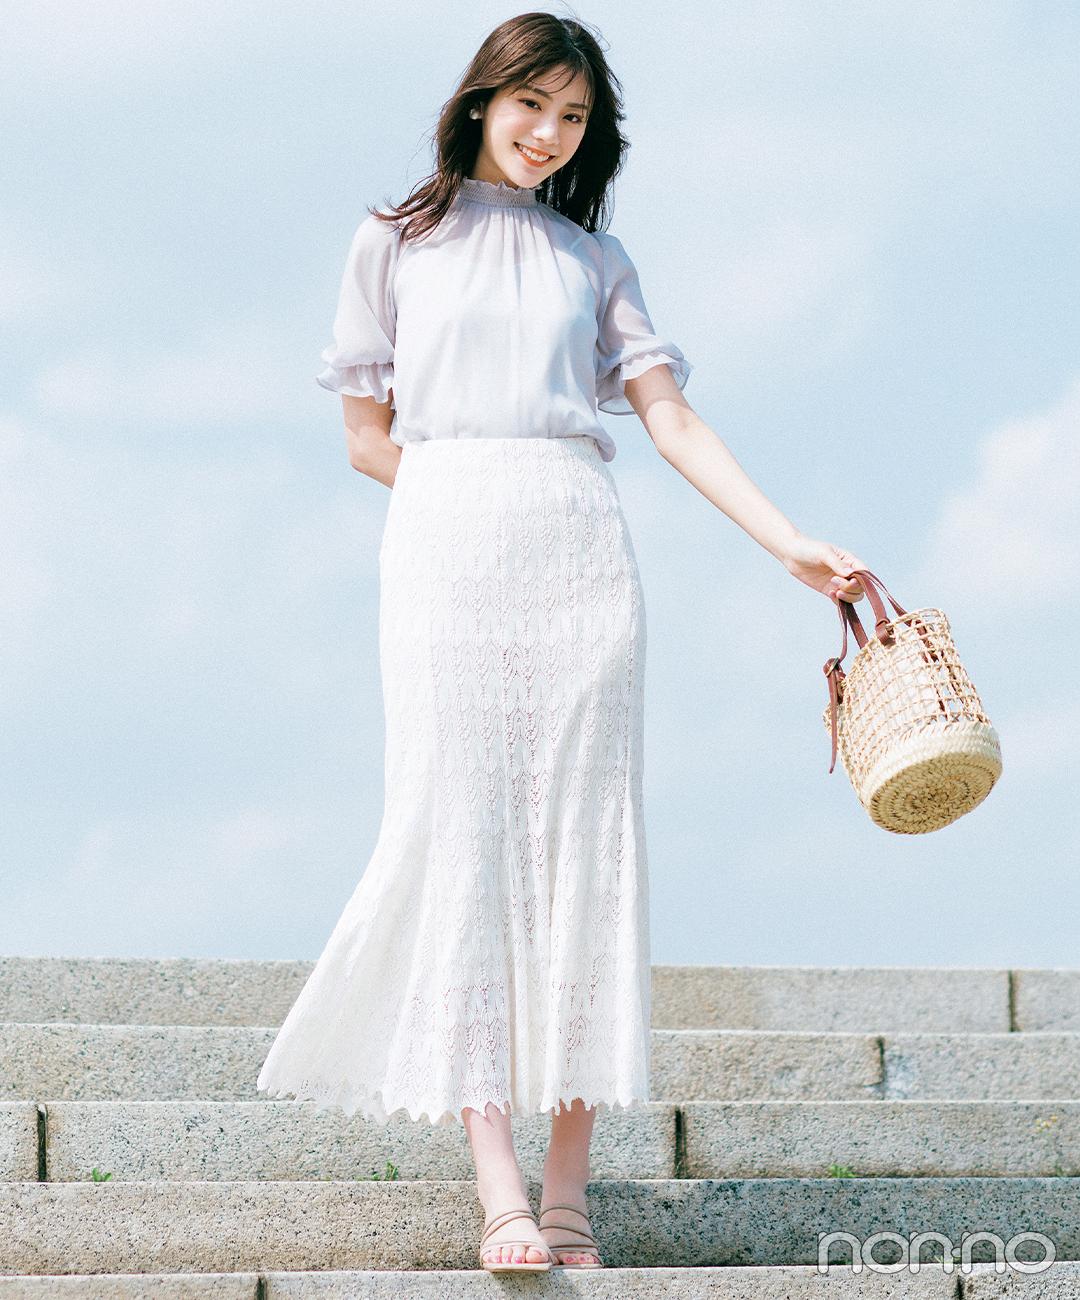 Photo Gallery 天気予報の女神&大人気モデル! 貴島明日香フォトギャラリー_1_2